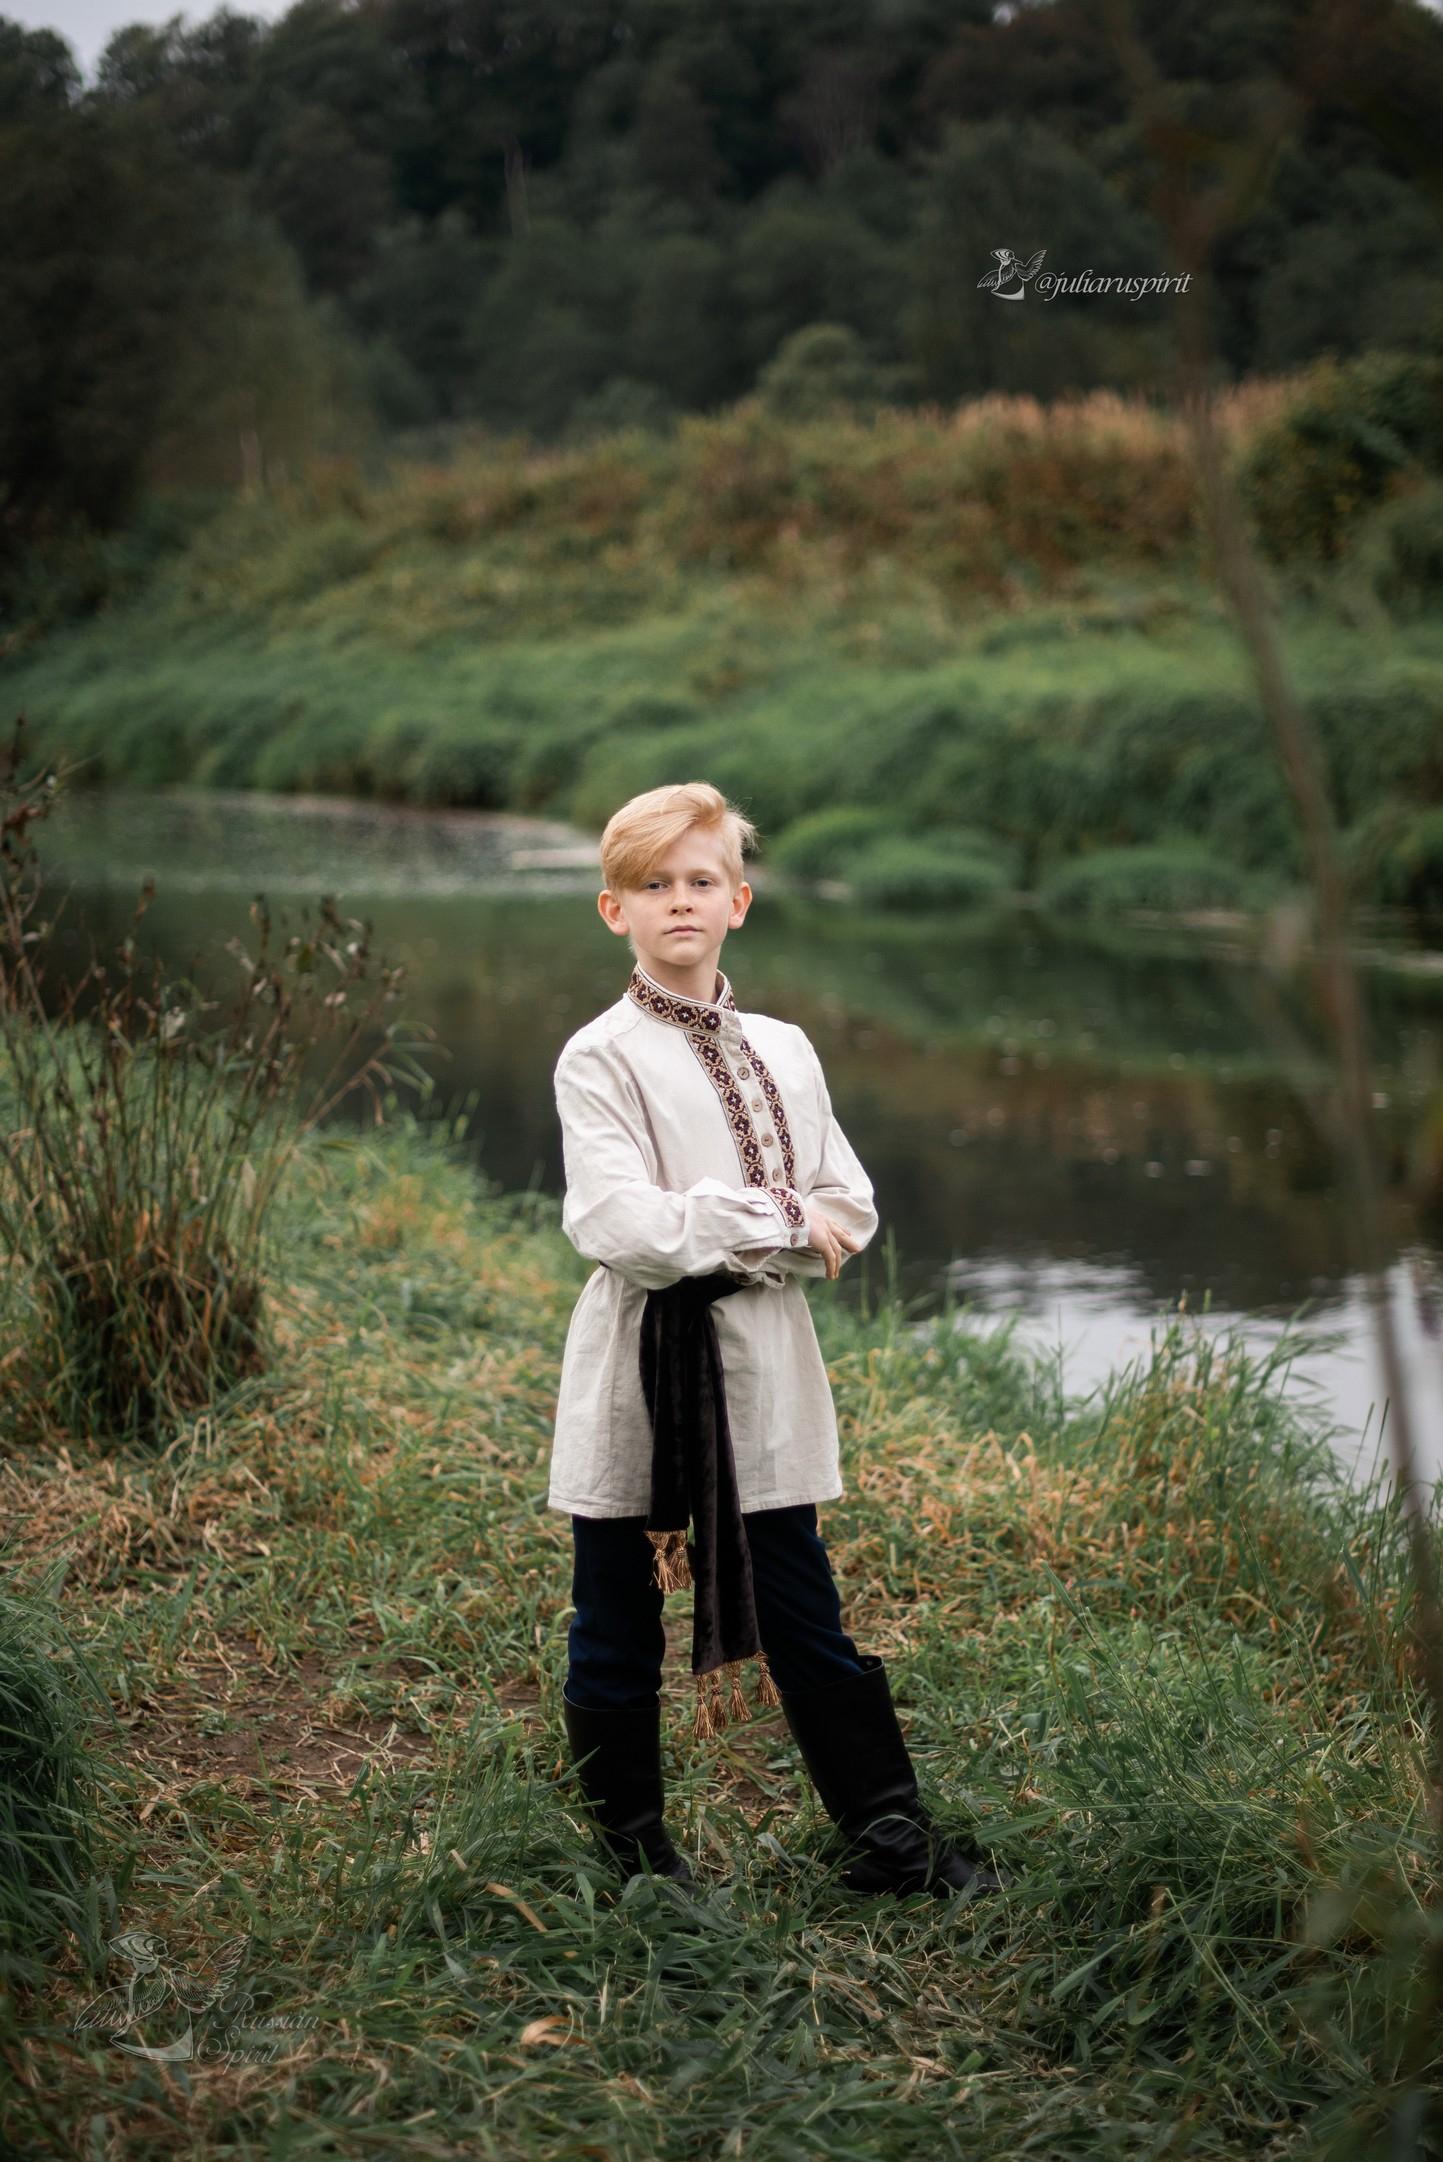 мальчик в льняной рубхе у реки